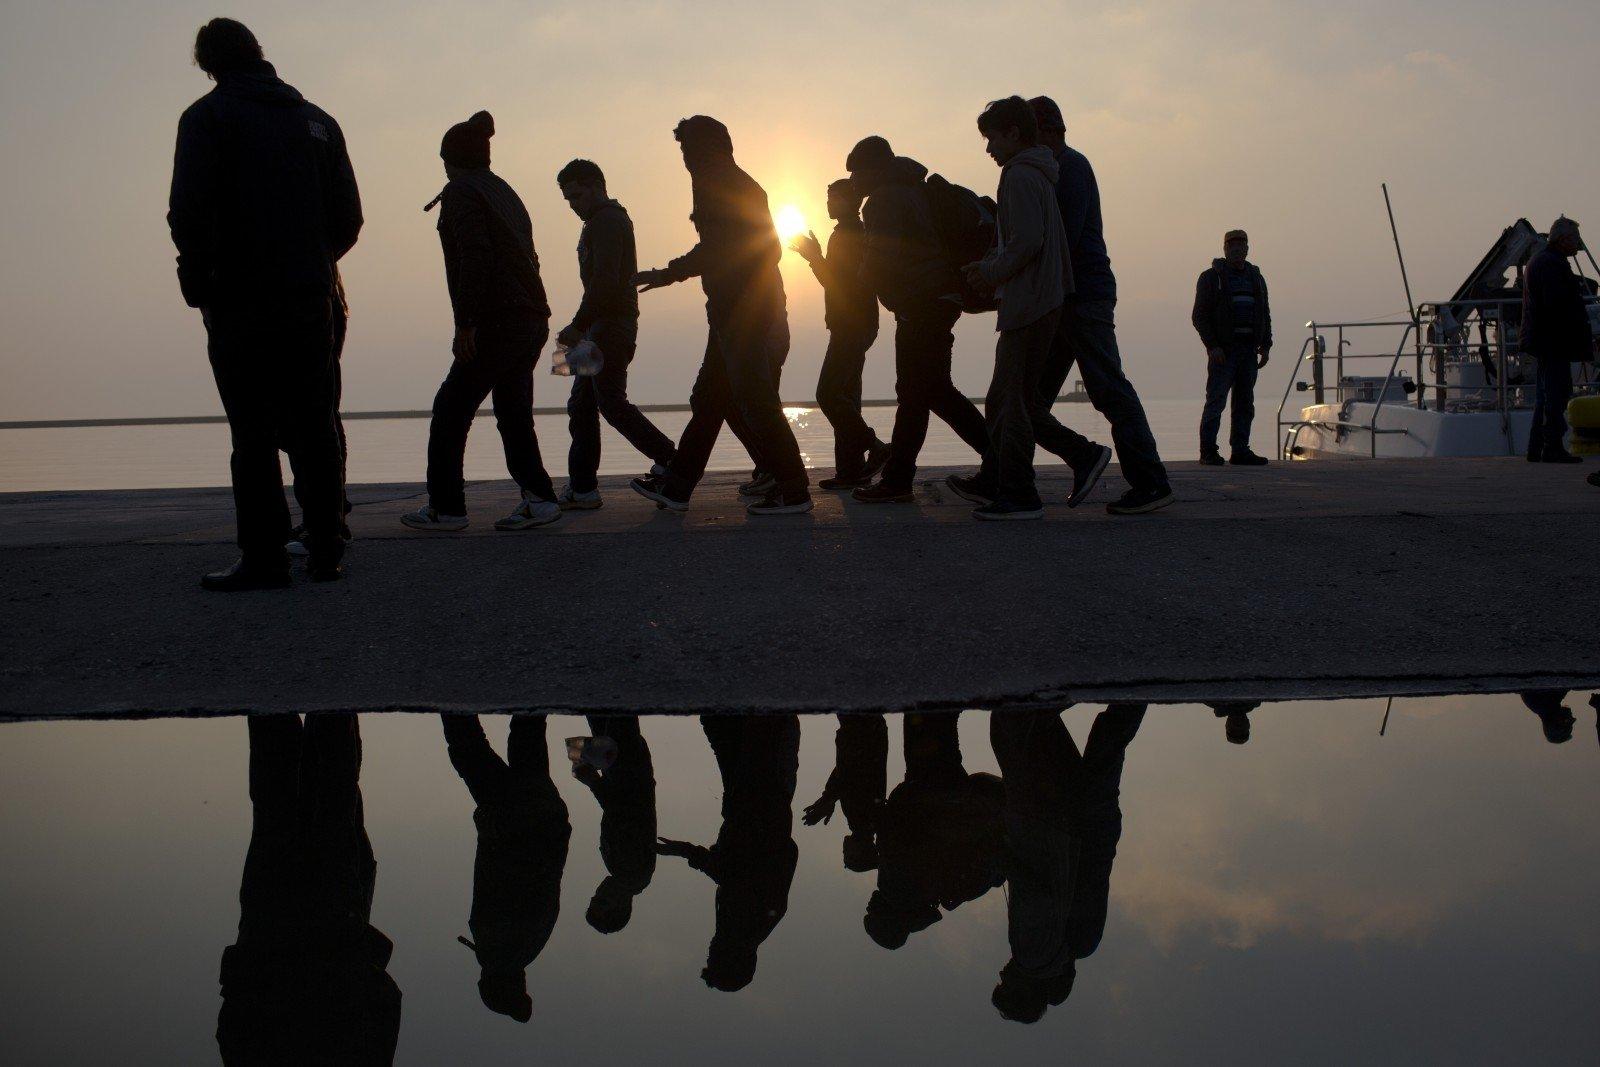 Польша отказалась принимать беженцев после терактов вБрюсселе